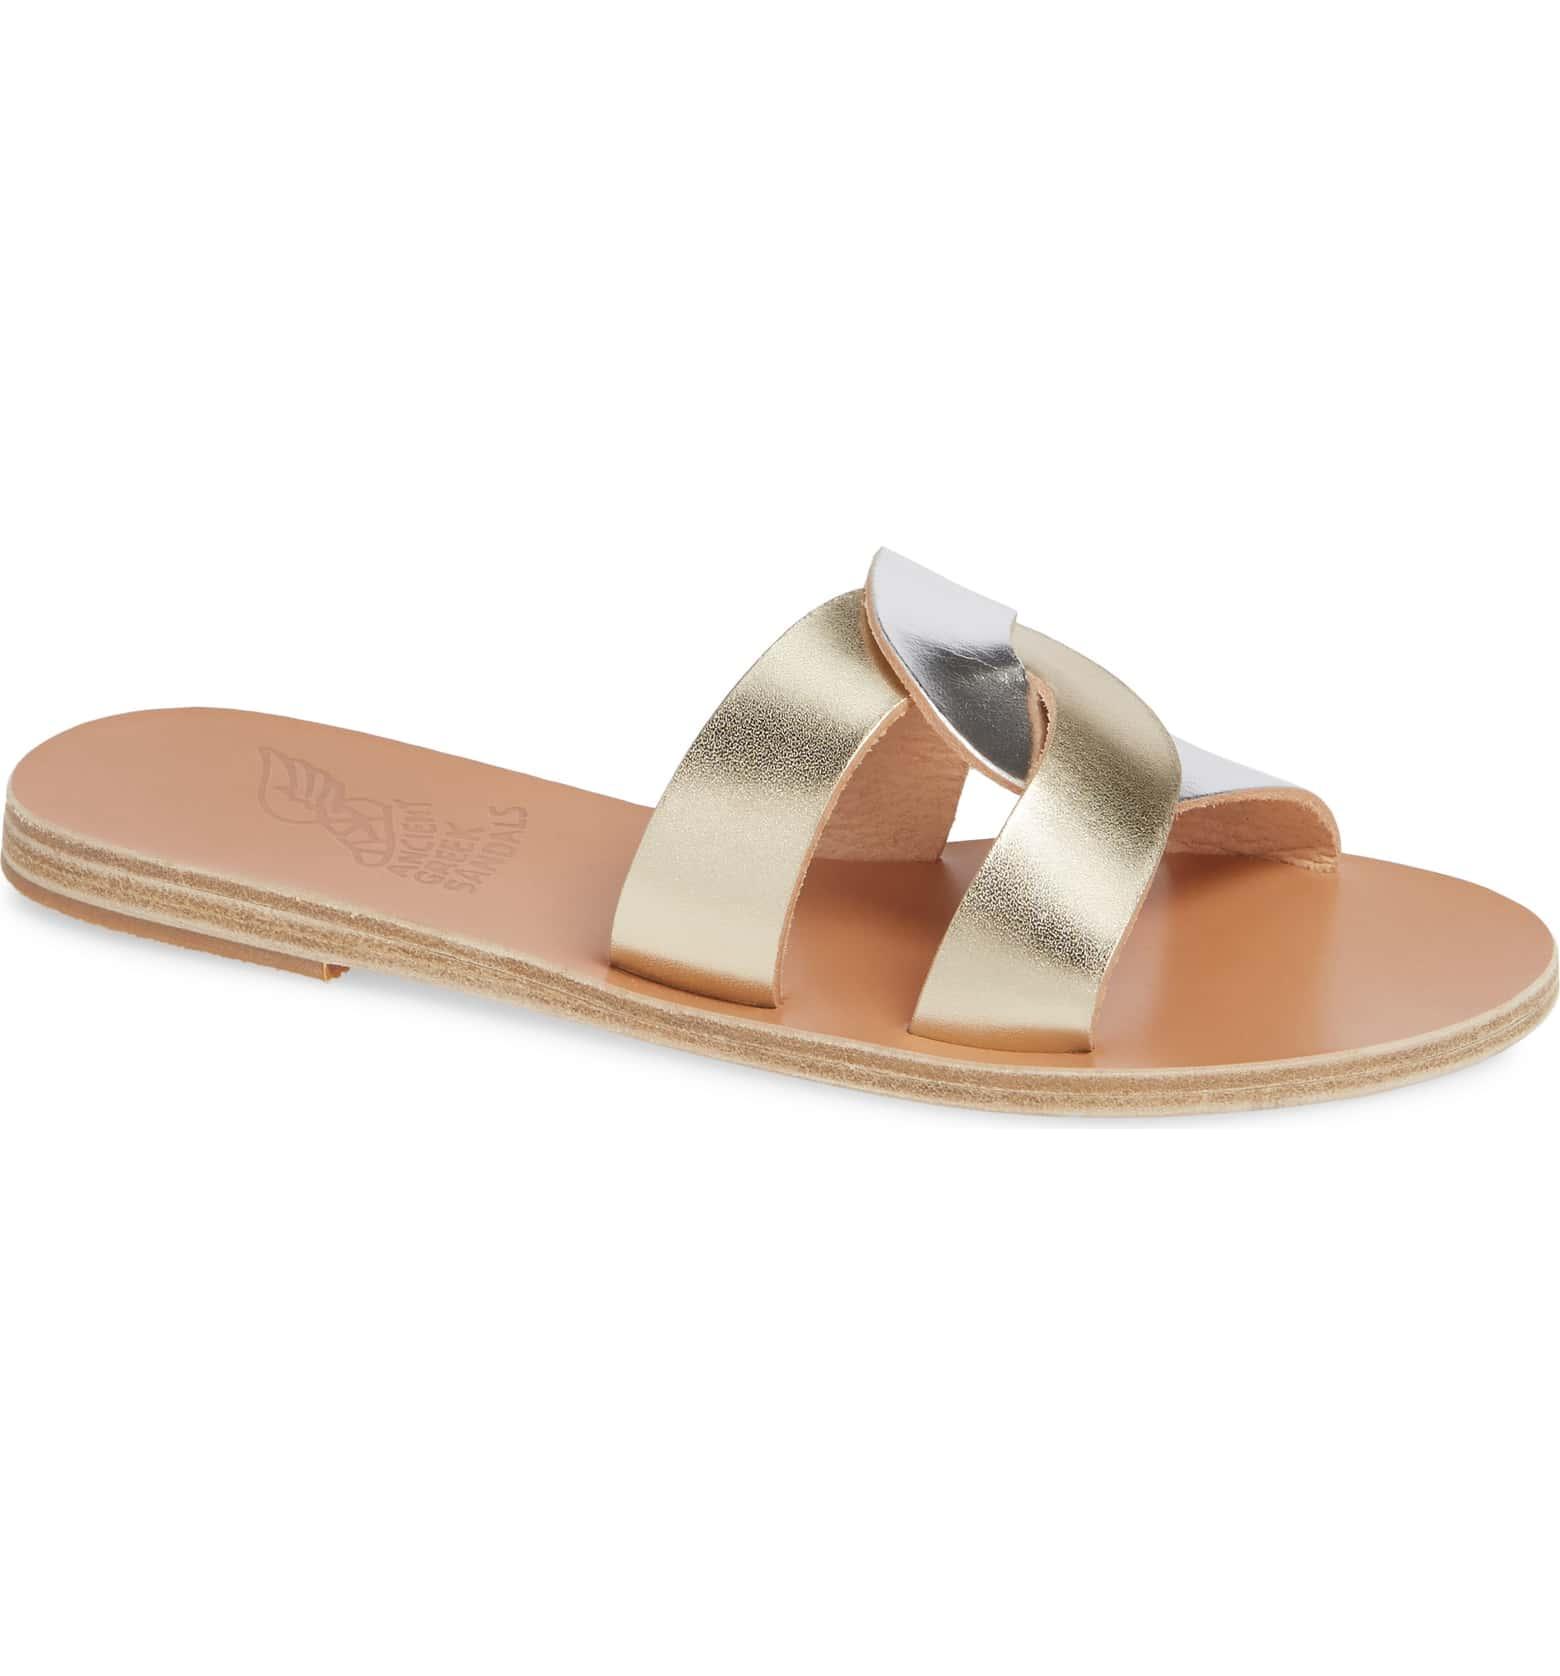 Desmos Slide Sandal